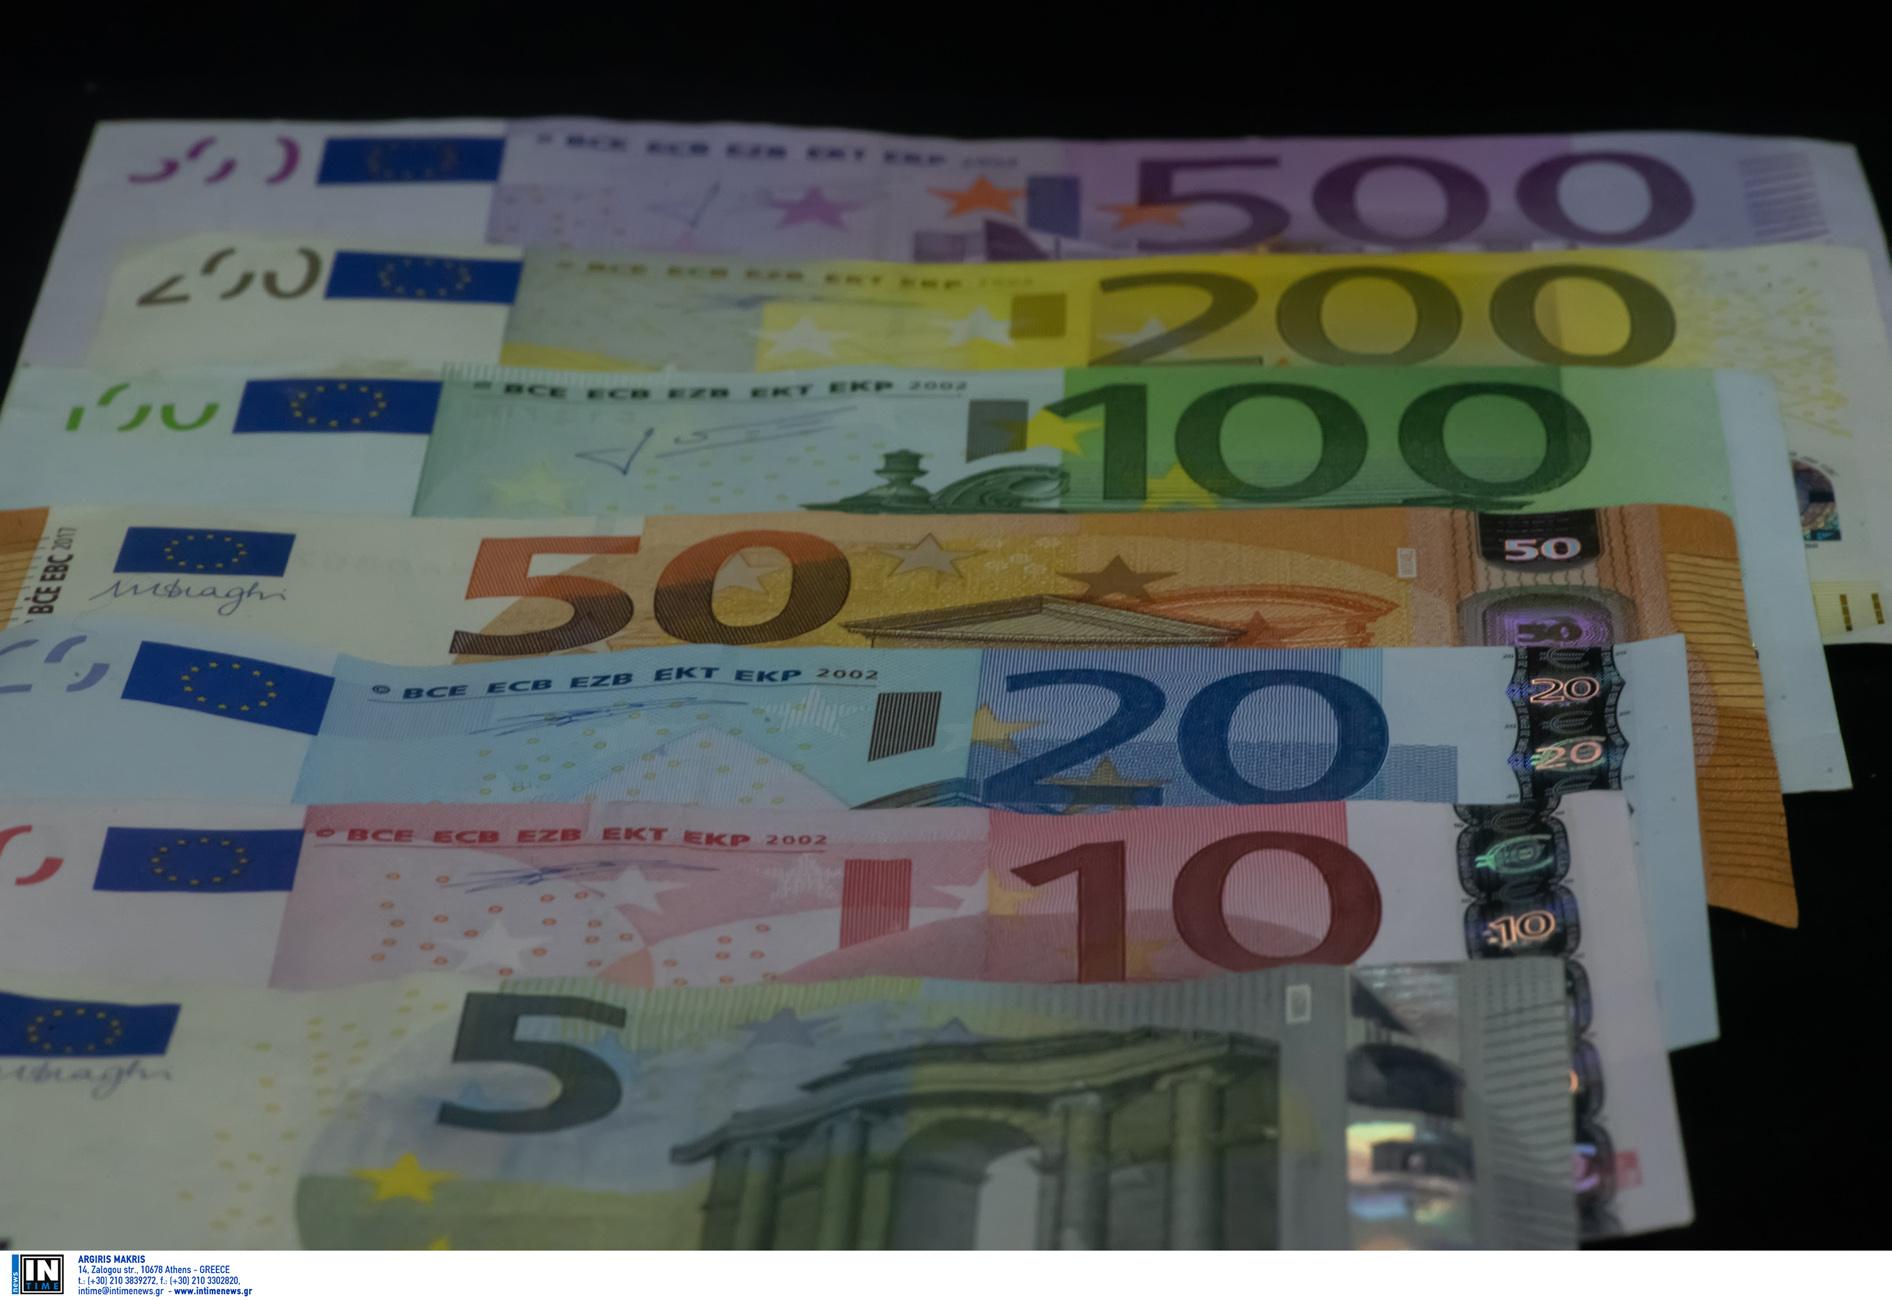 Χανιά: Κατάφερε να αυξήσει τις τραπεζικές του καταθέσεις με μια απίστευτη απάτη – Στο φως η άγνωστη αλήθεια